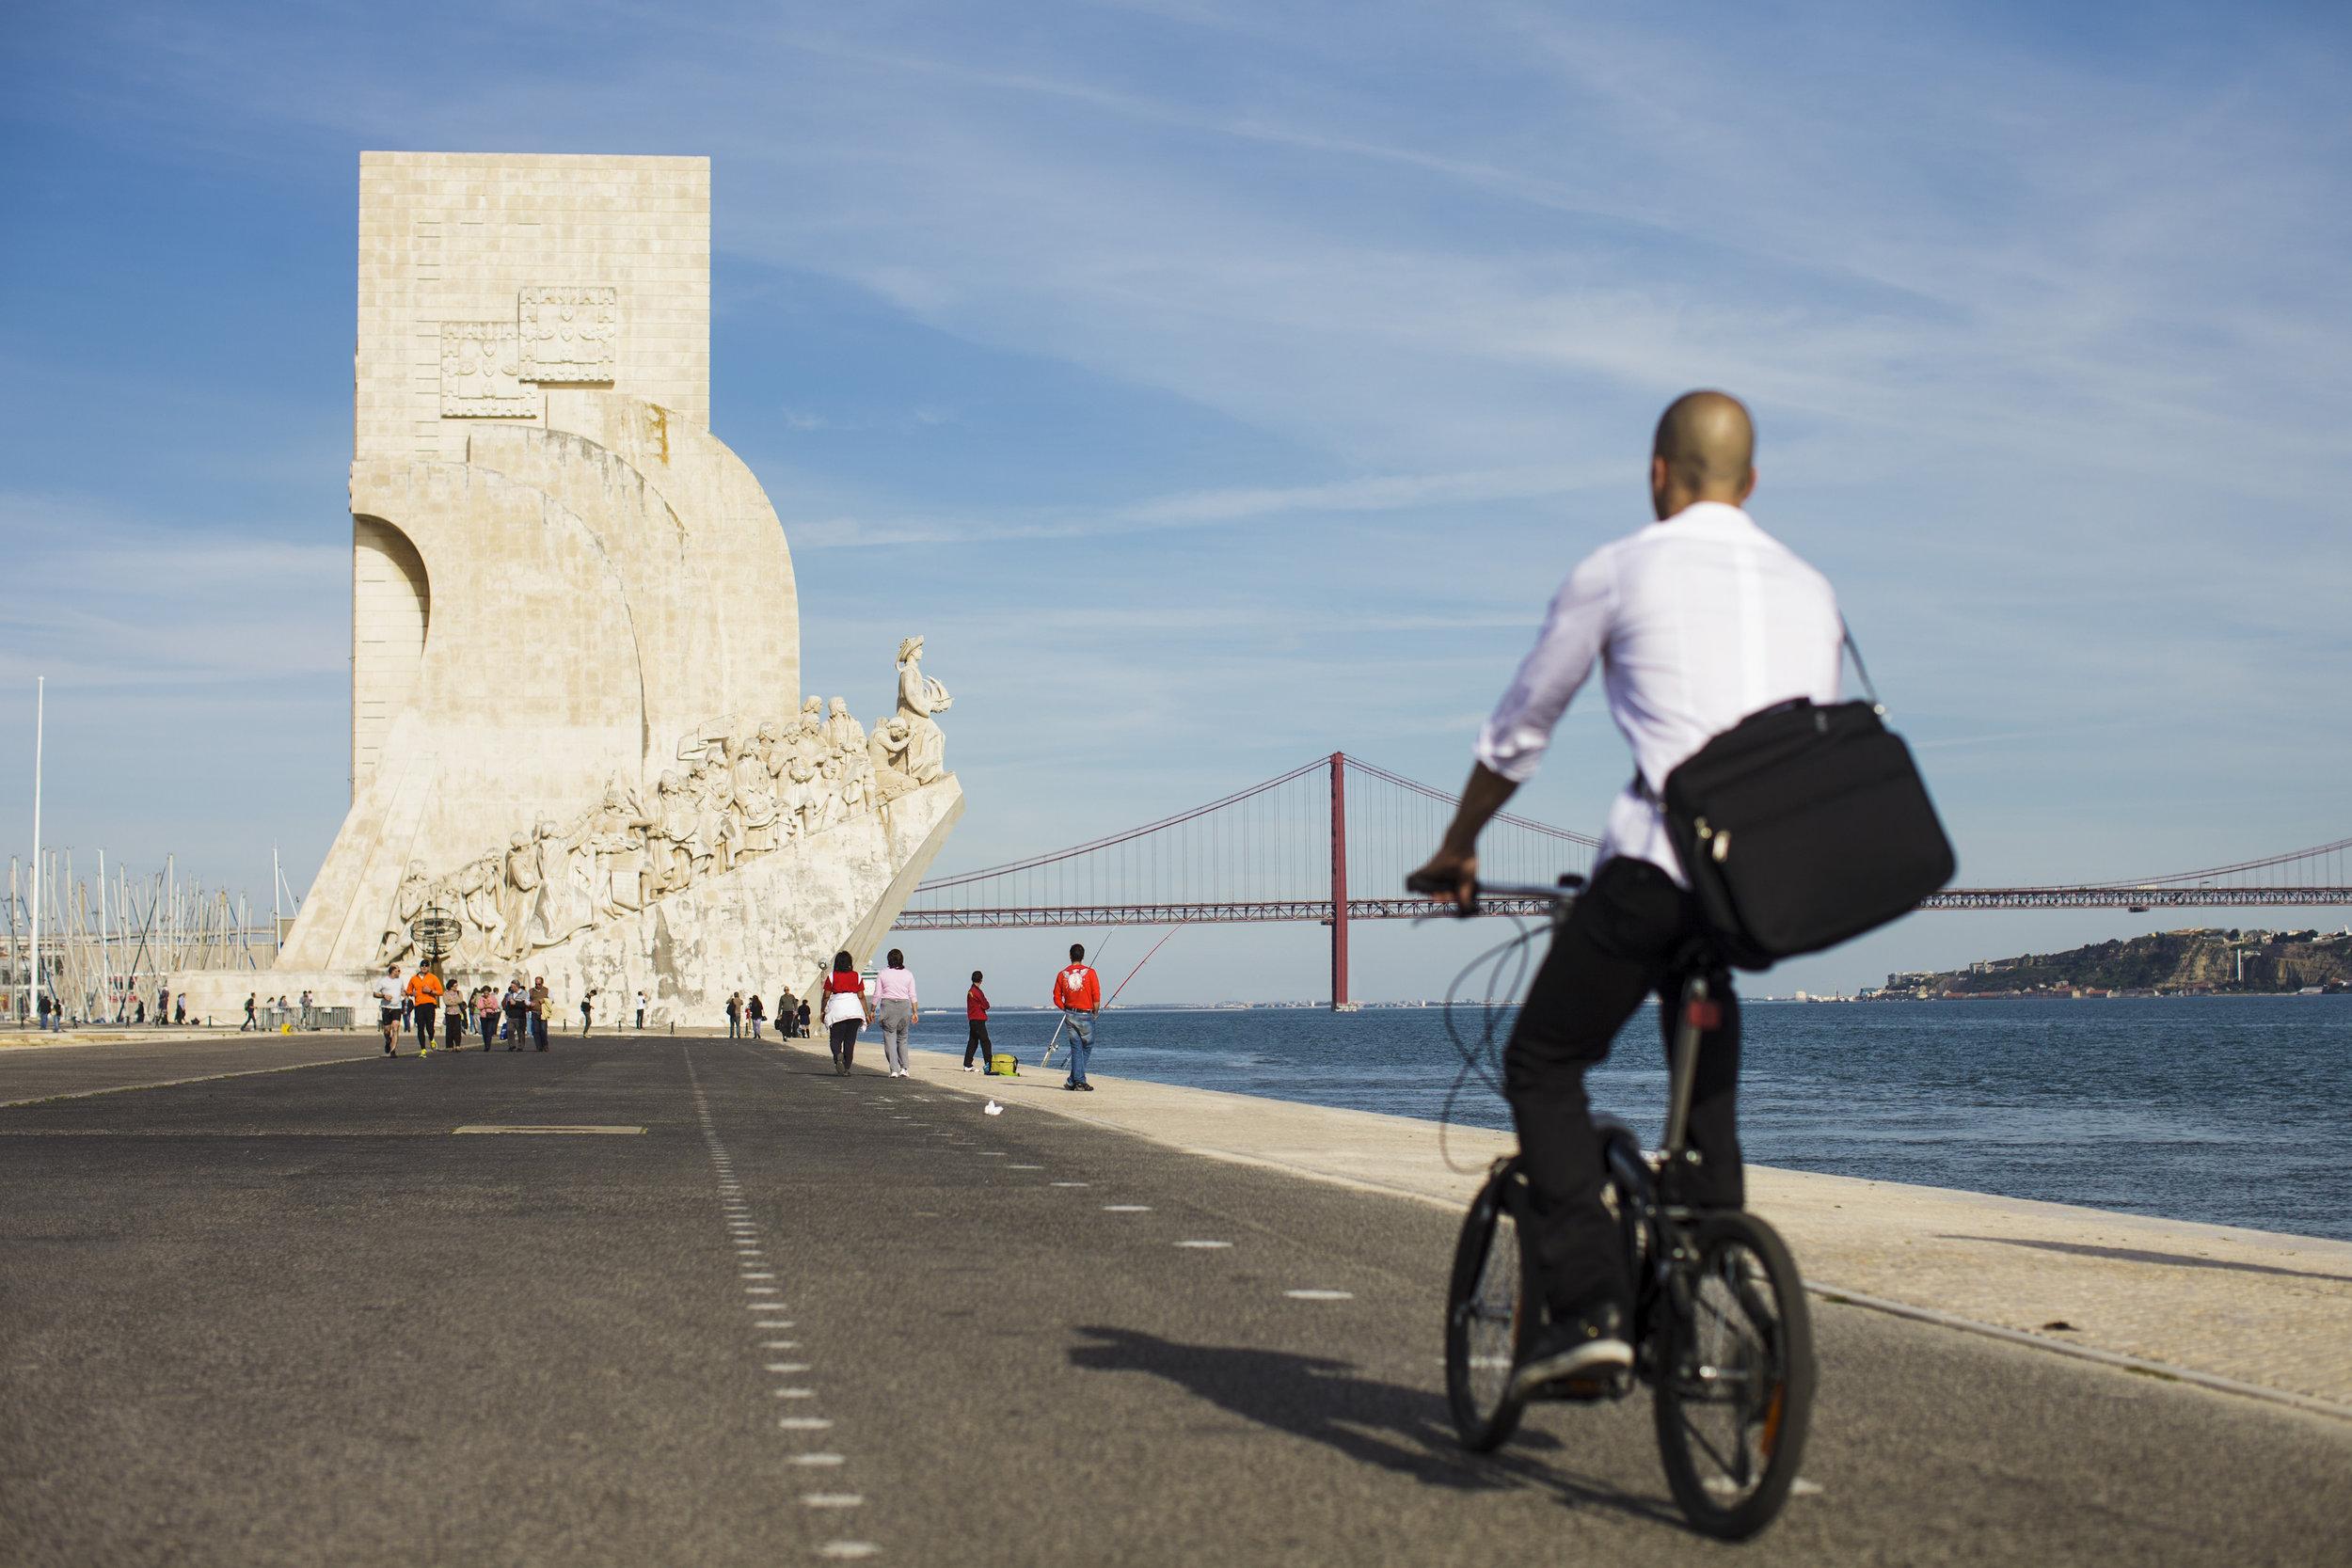 03-LisboaPhotoshopped.jpg